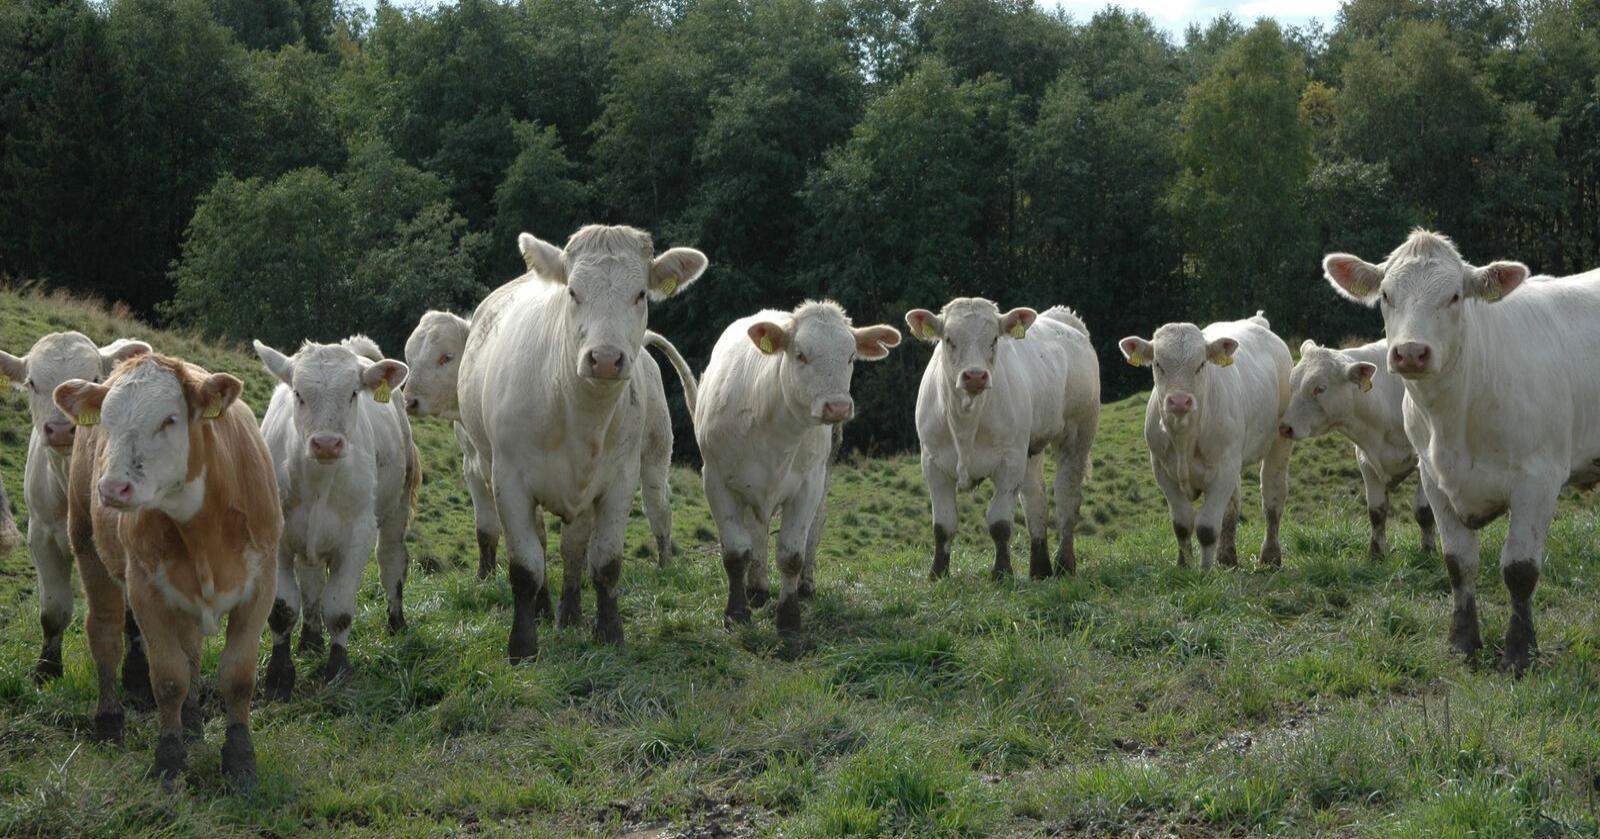 Omsetningsavgiften på storfekjøtt er nede i 10 øre i sommer. (Arkivfoto)